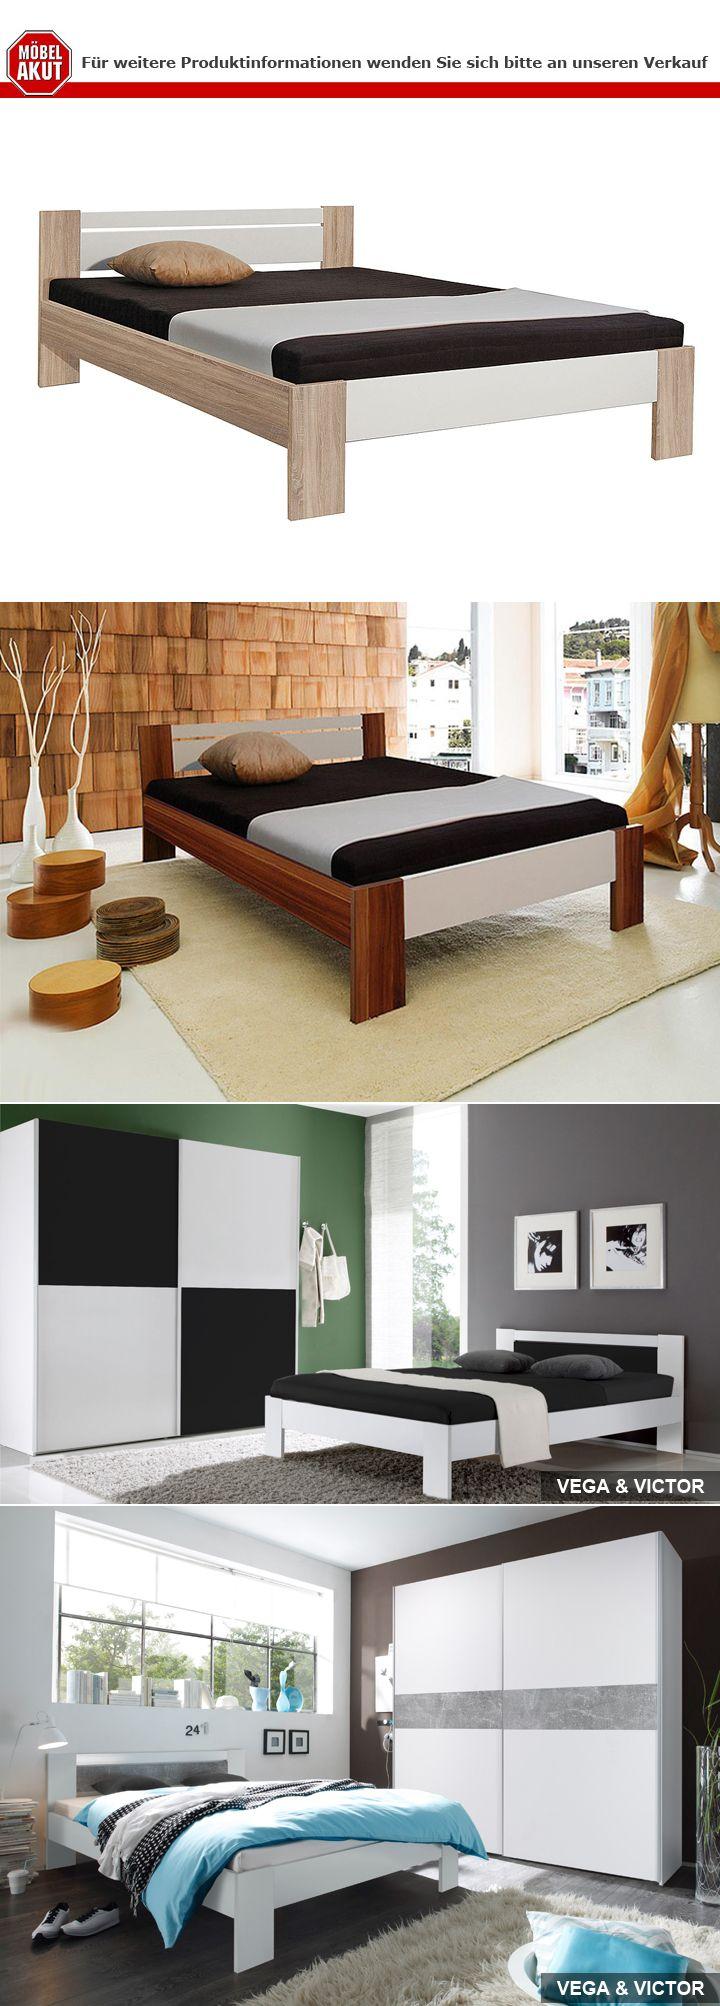 Berühmt Bett überdachungsrahmen Galerie - Benutzerdefinierte ...